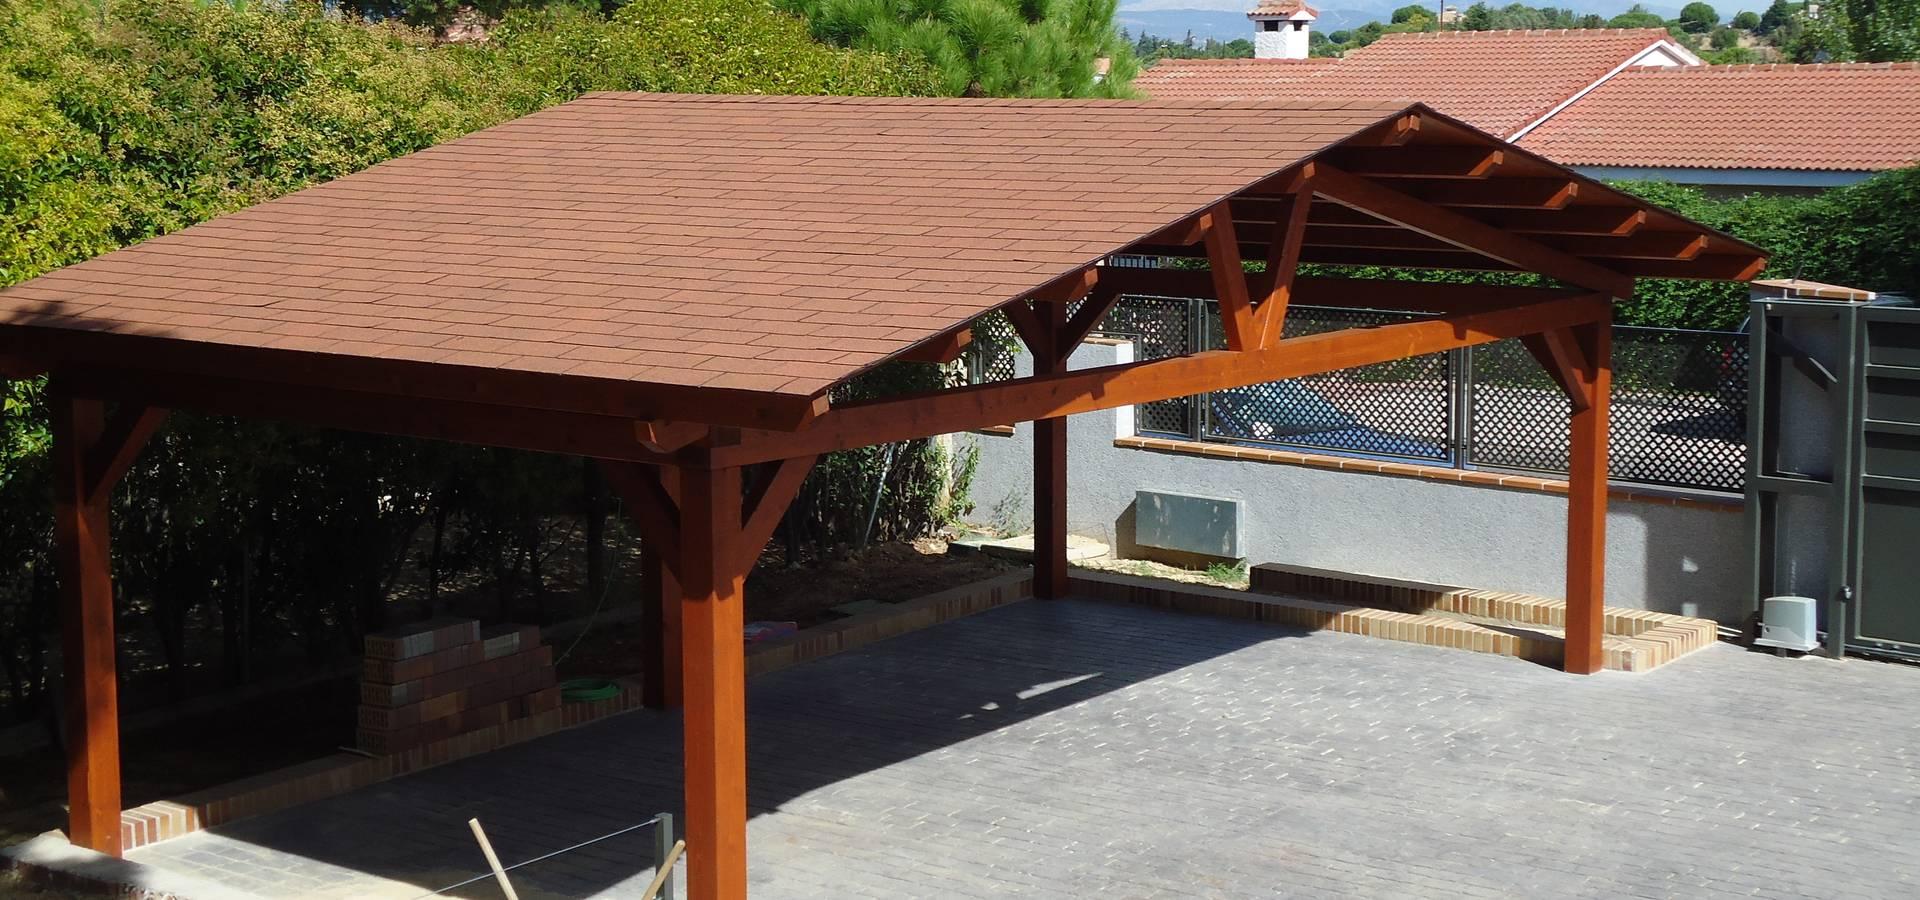 Garajes de madera de pergomadera p rgolas y porches de madera homify - Pergolas y porches de madera ...